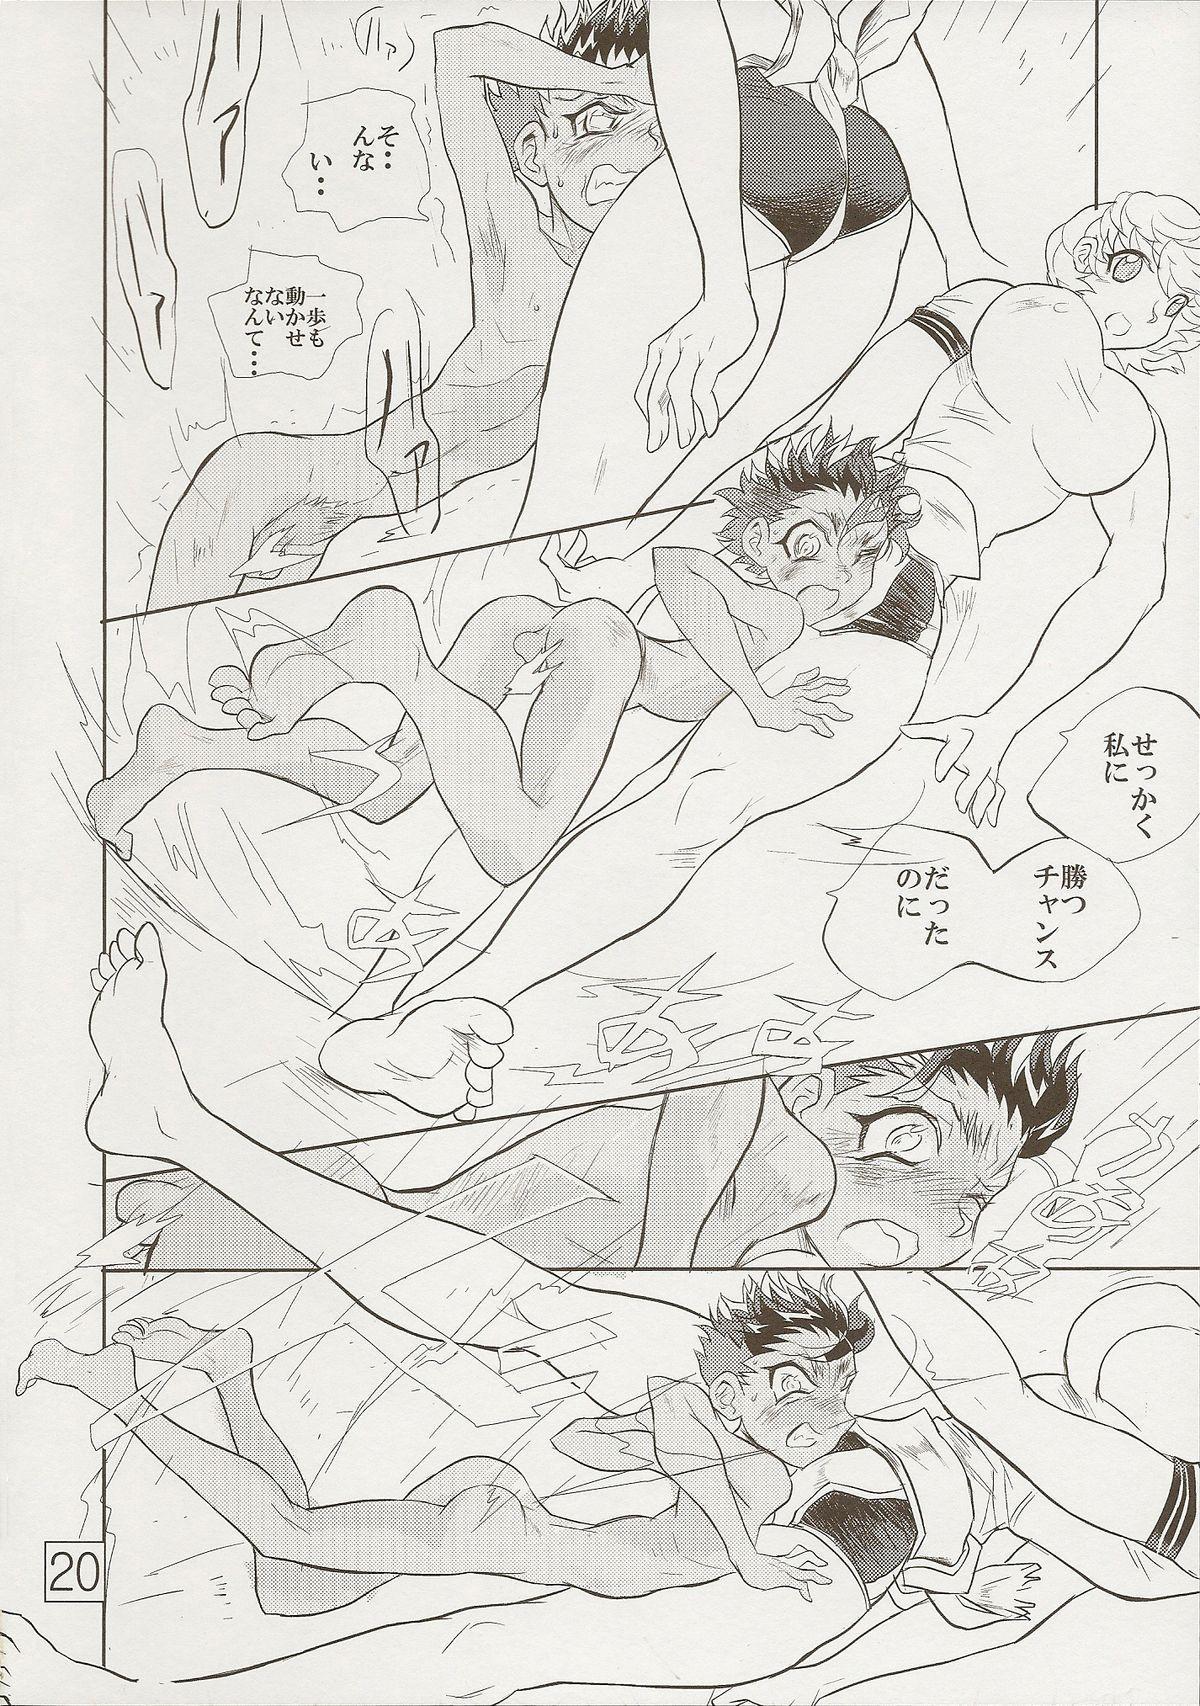 Otoko no Tatakai 17 19